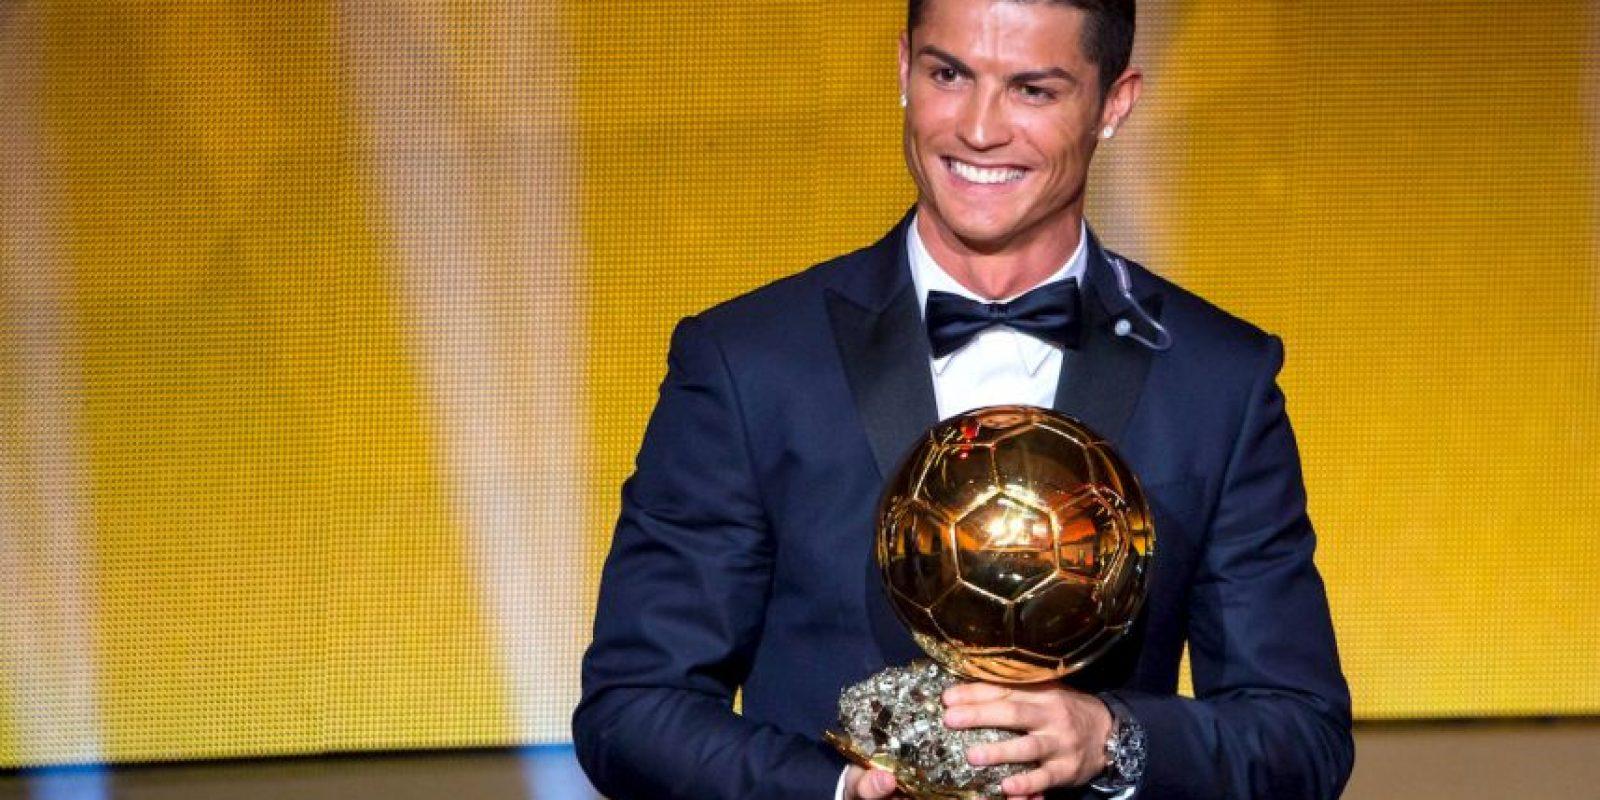 La comida preferida del astro del Real Madrid es el 'Bacalao à bràs' (Bacalao a las brasas) Foto:Getty Images